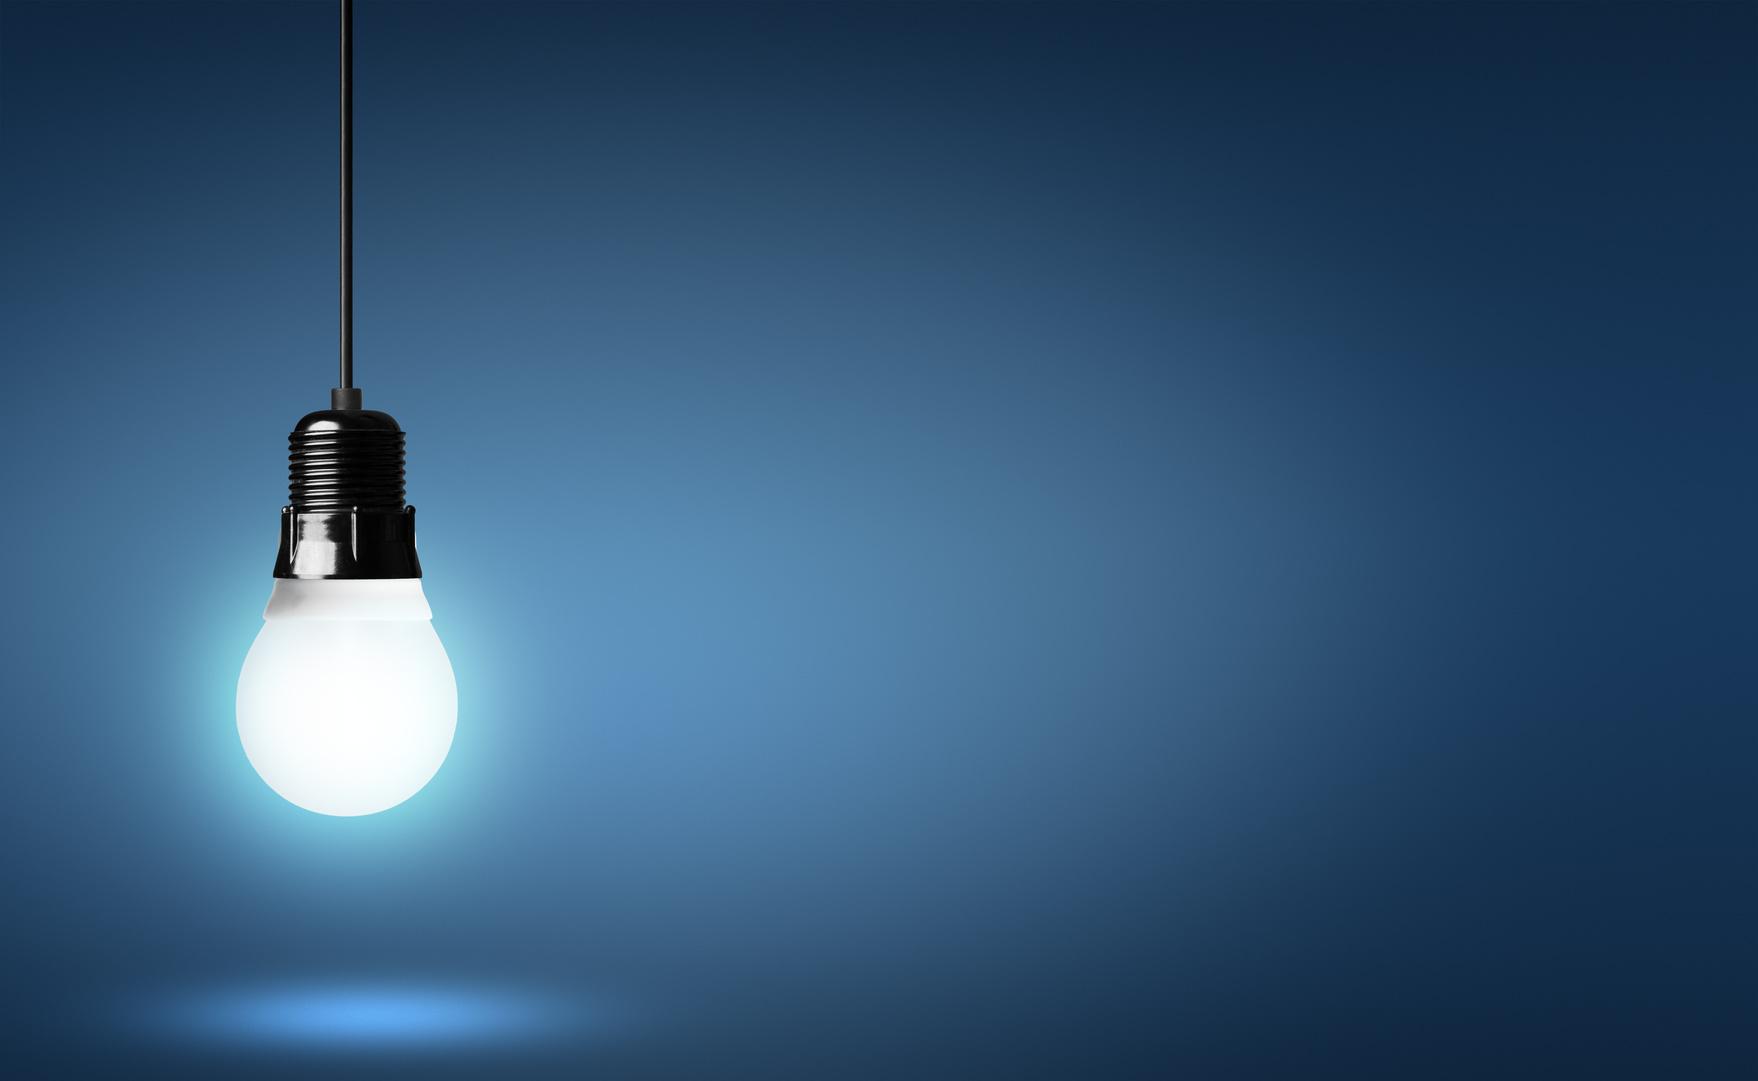 Utilisation rationnelle de l'énergie, management de l'énergie